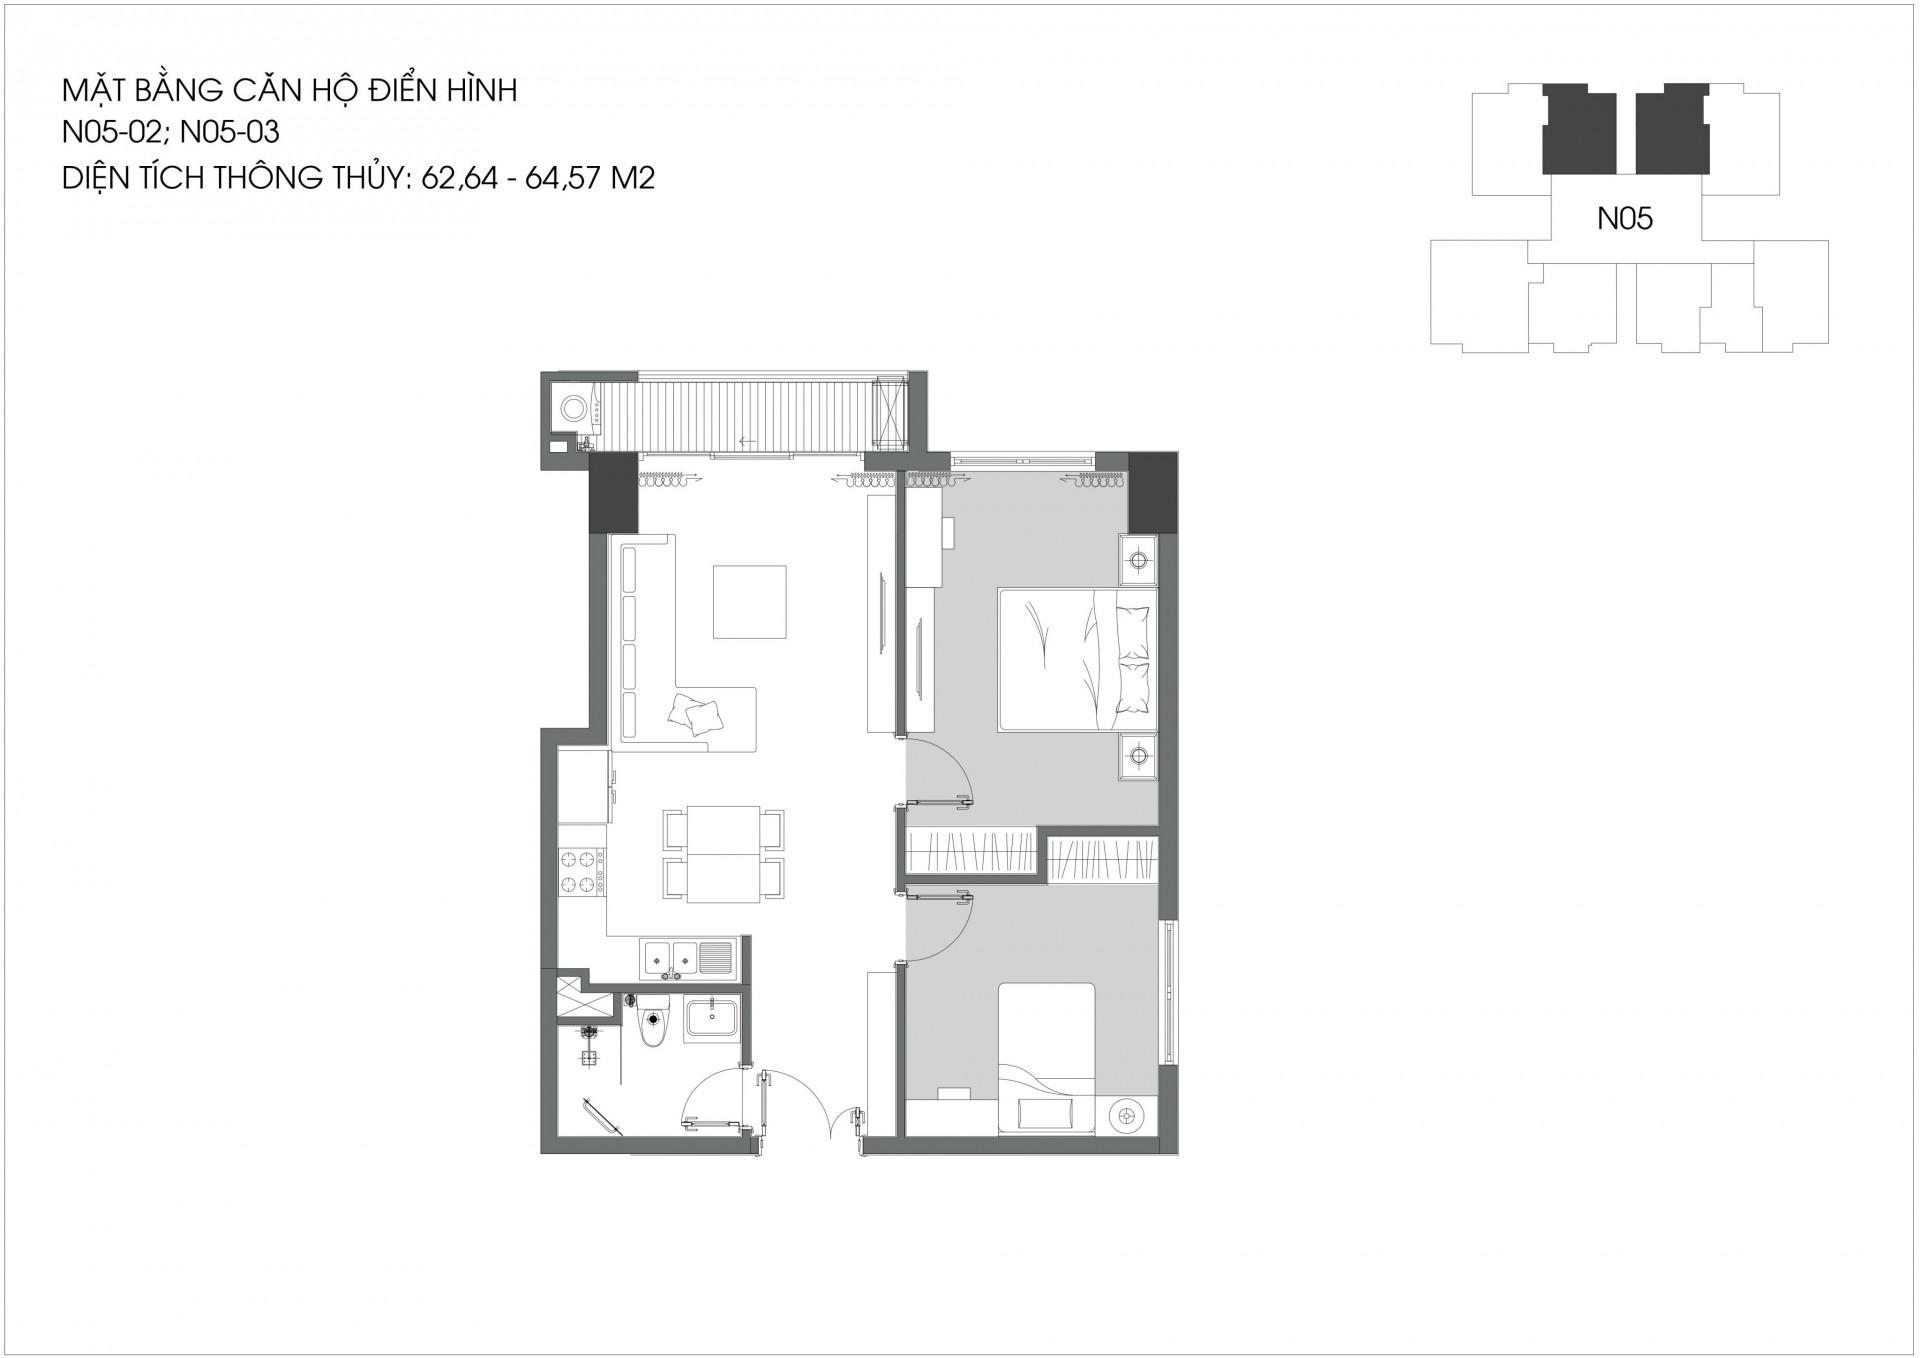 2 Phòng ngủ Berriver NO5